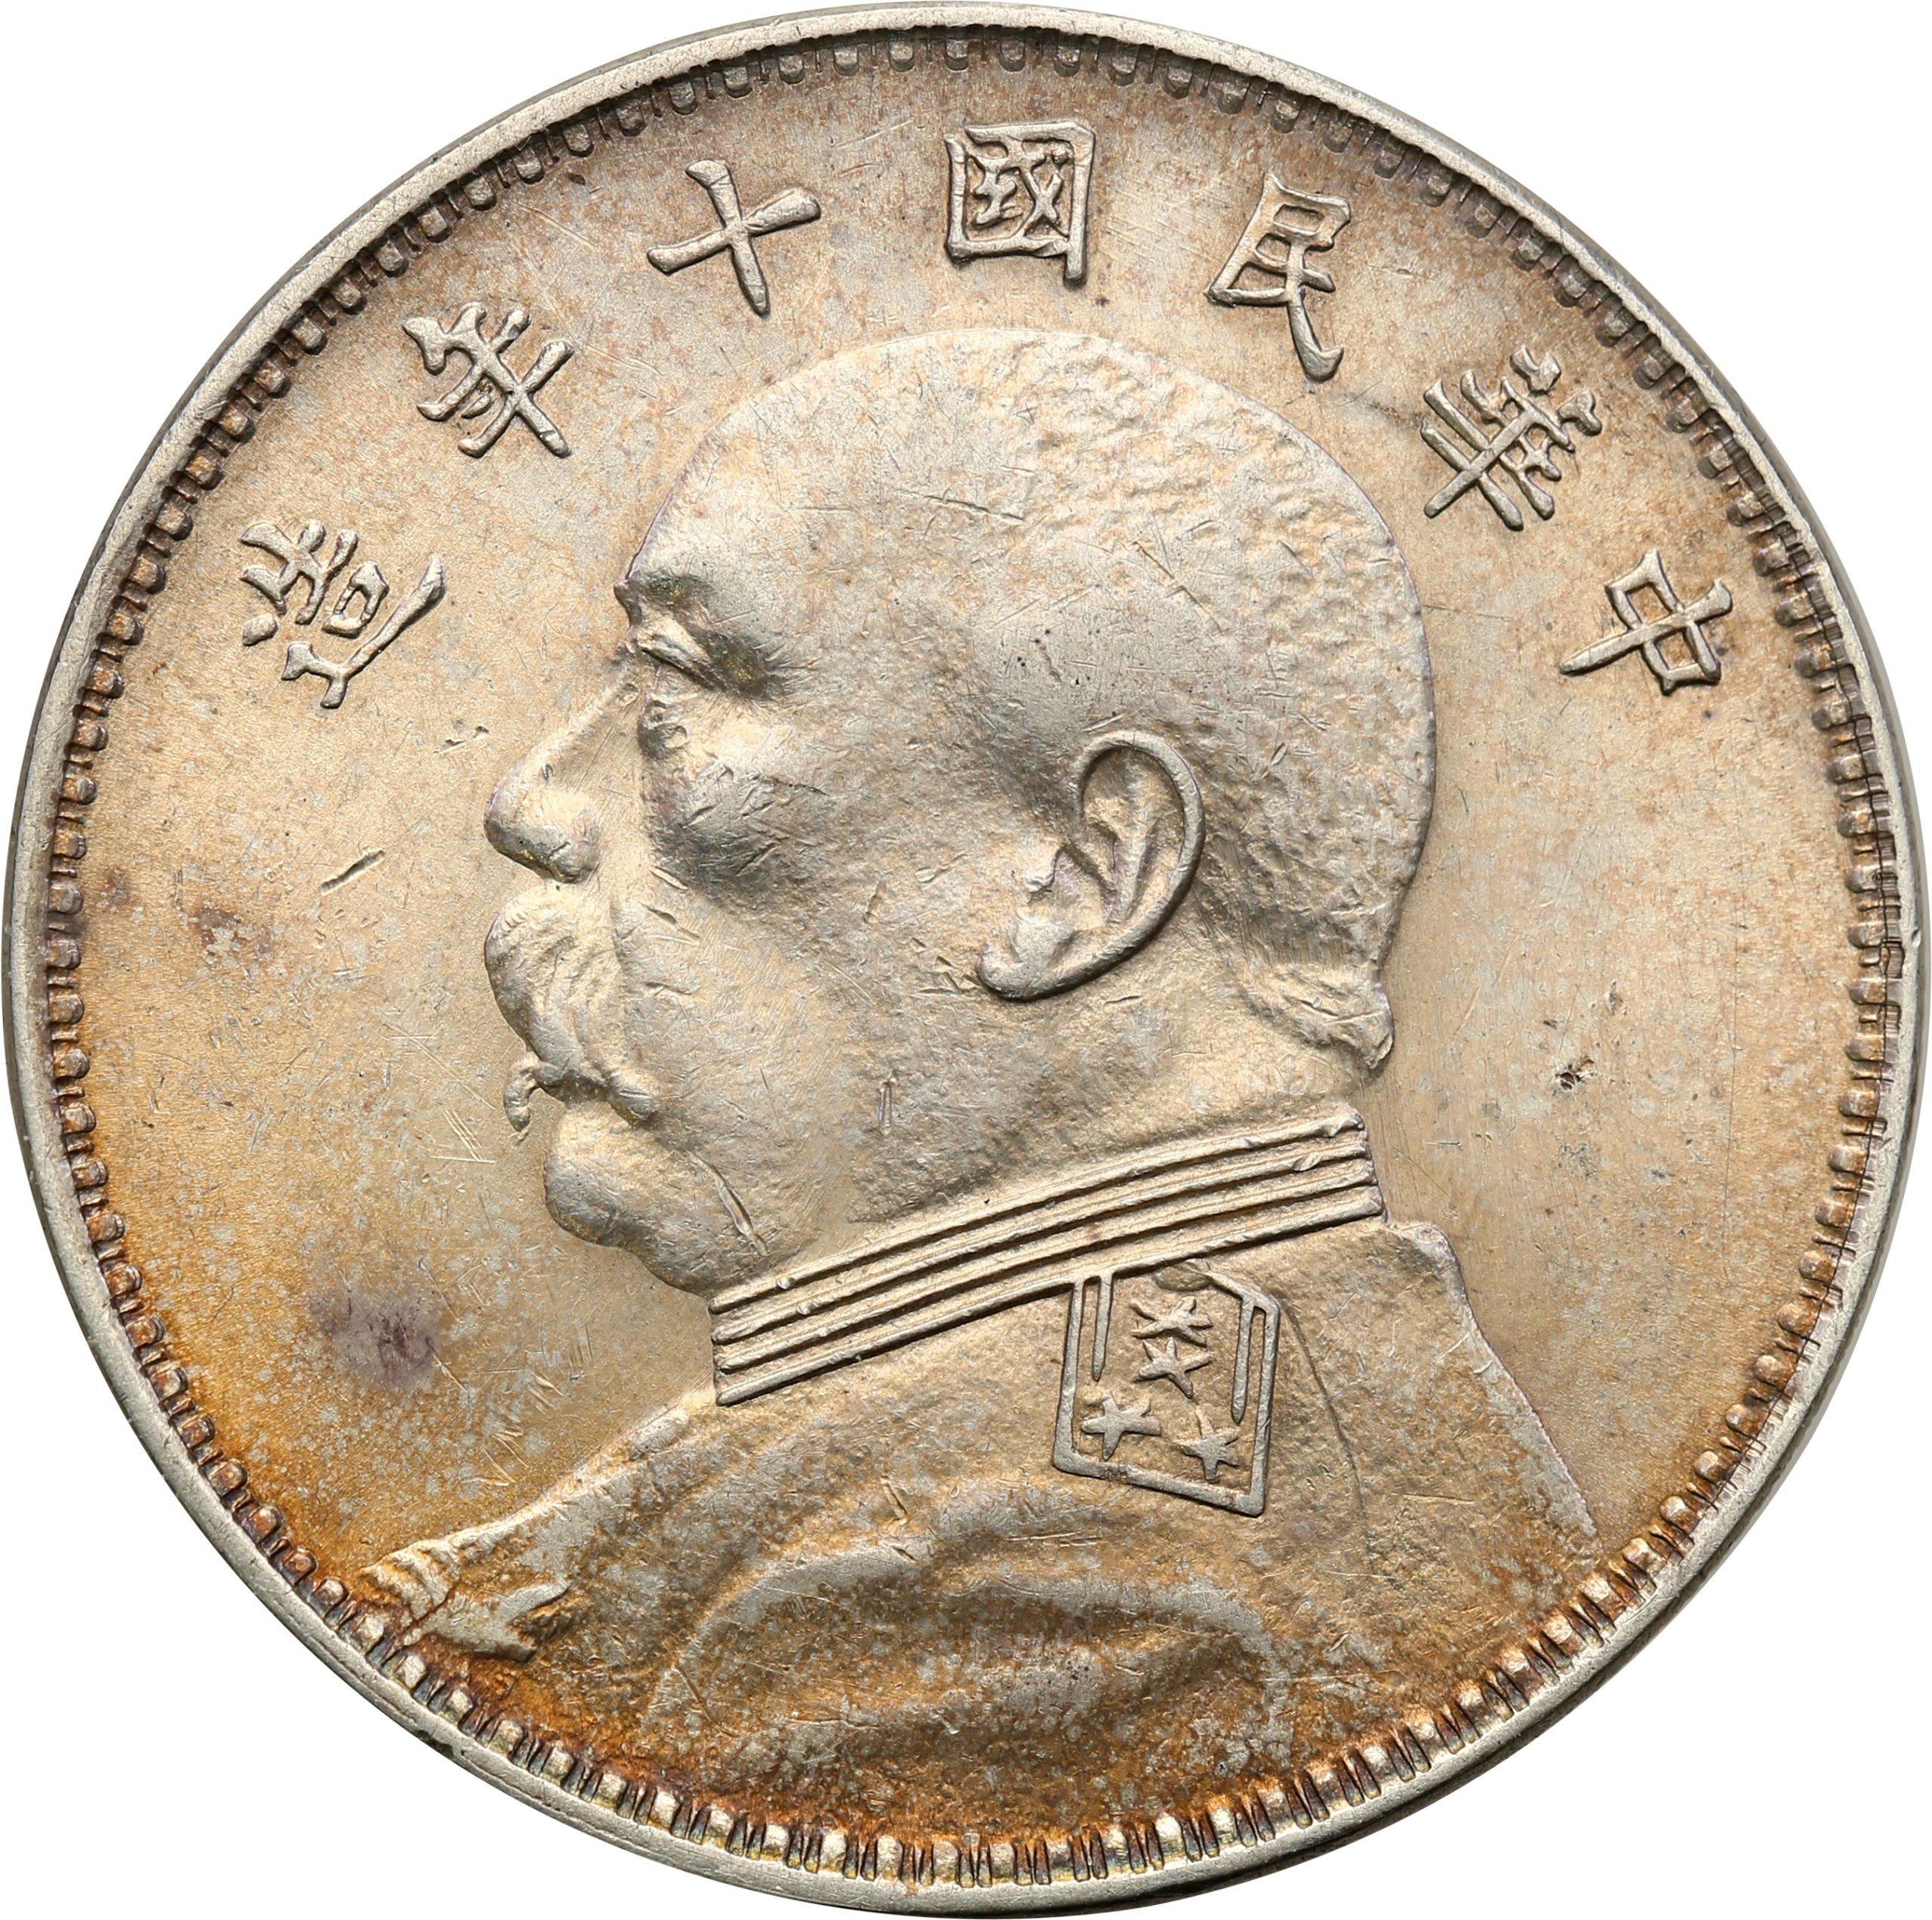 Chiny Repub. 1 Yuan (dolar) bd Yr 10 (1920) PIĘKNY